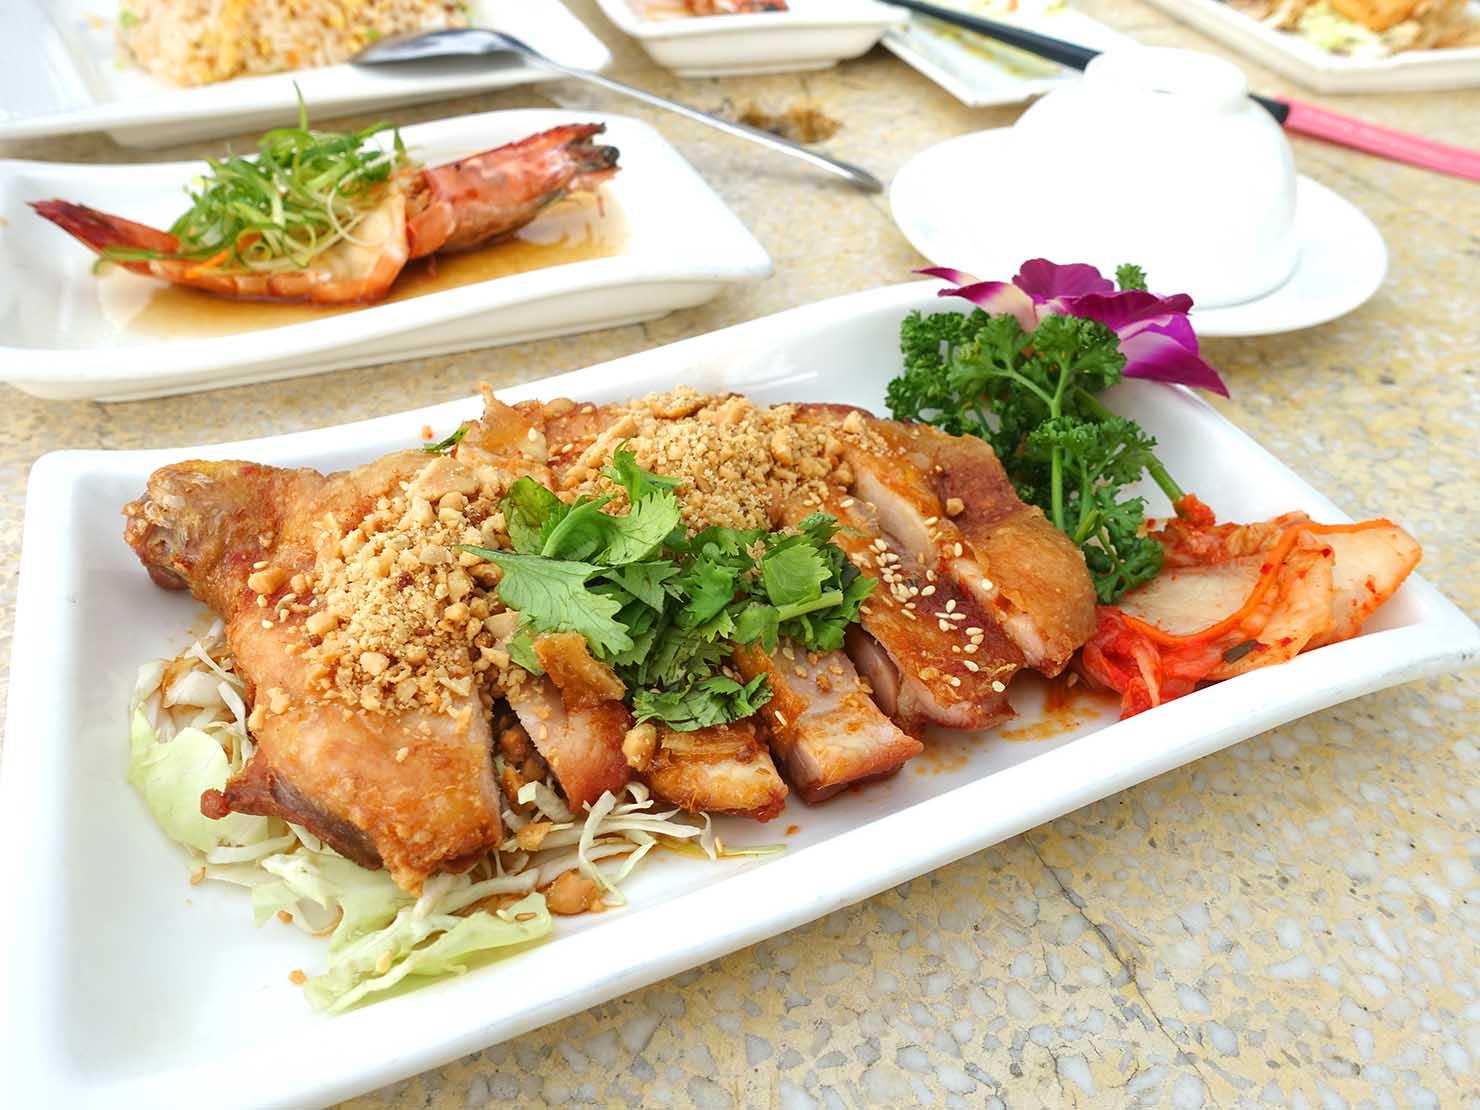 台北・陽明山のレストラン「草山夜未眠」の泰北椒麻雞